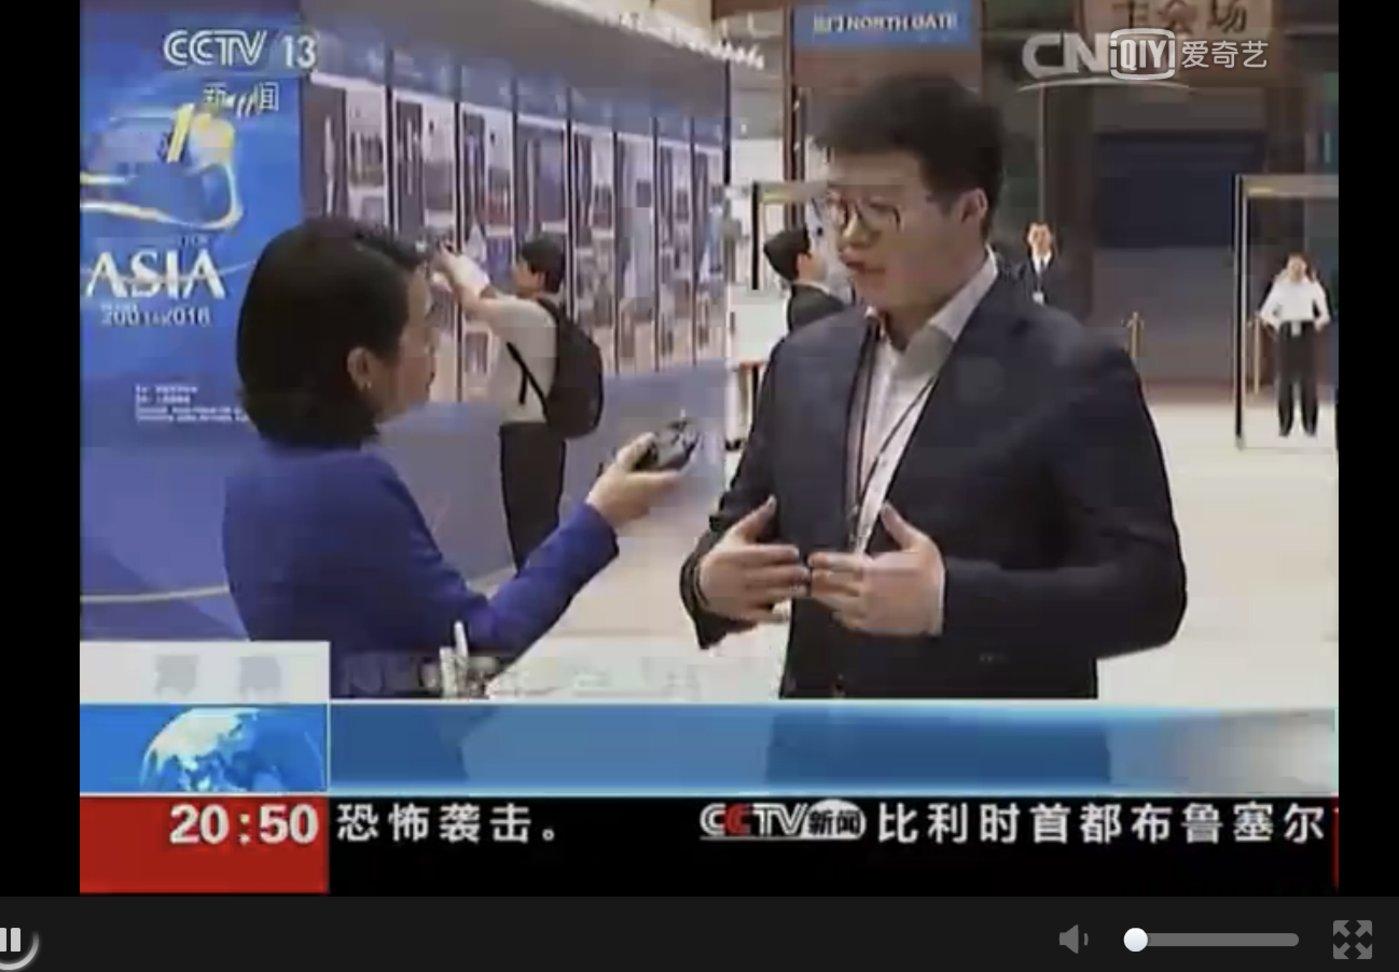 2016年,爱钱进联合创始人杨帆在博鳌论坛受到央视专访